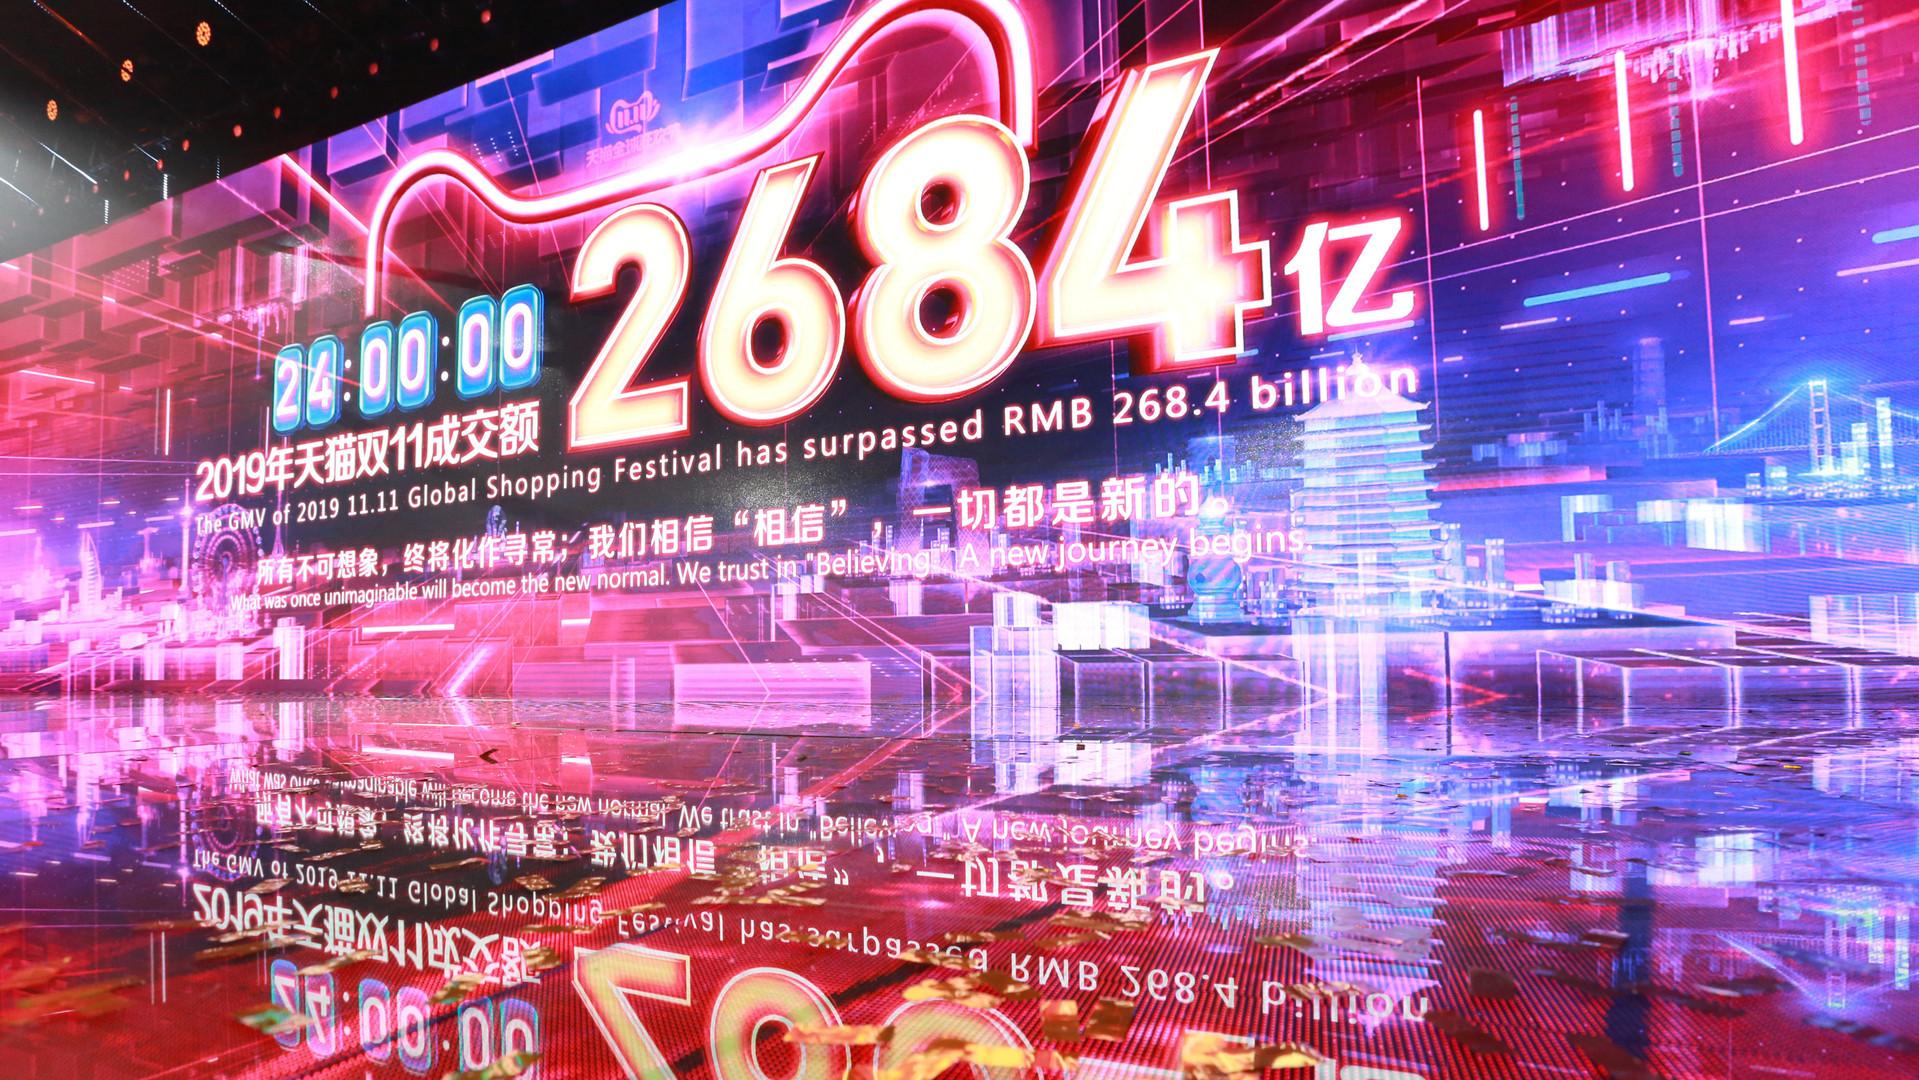 中国越境ECに夢を見るな ~解像度が高い現地事情理解と冷静な手段の検討が必要だ(滝沢頼子) - 個人 - Yahoo!ニュース